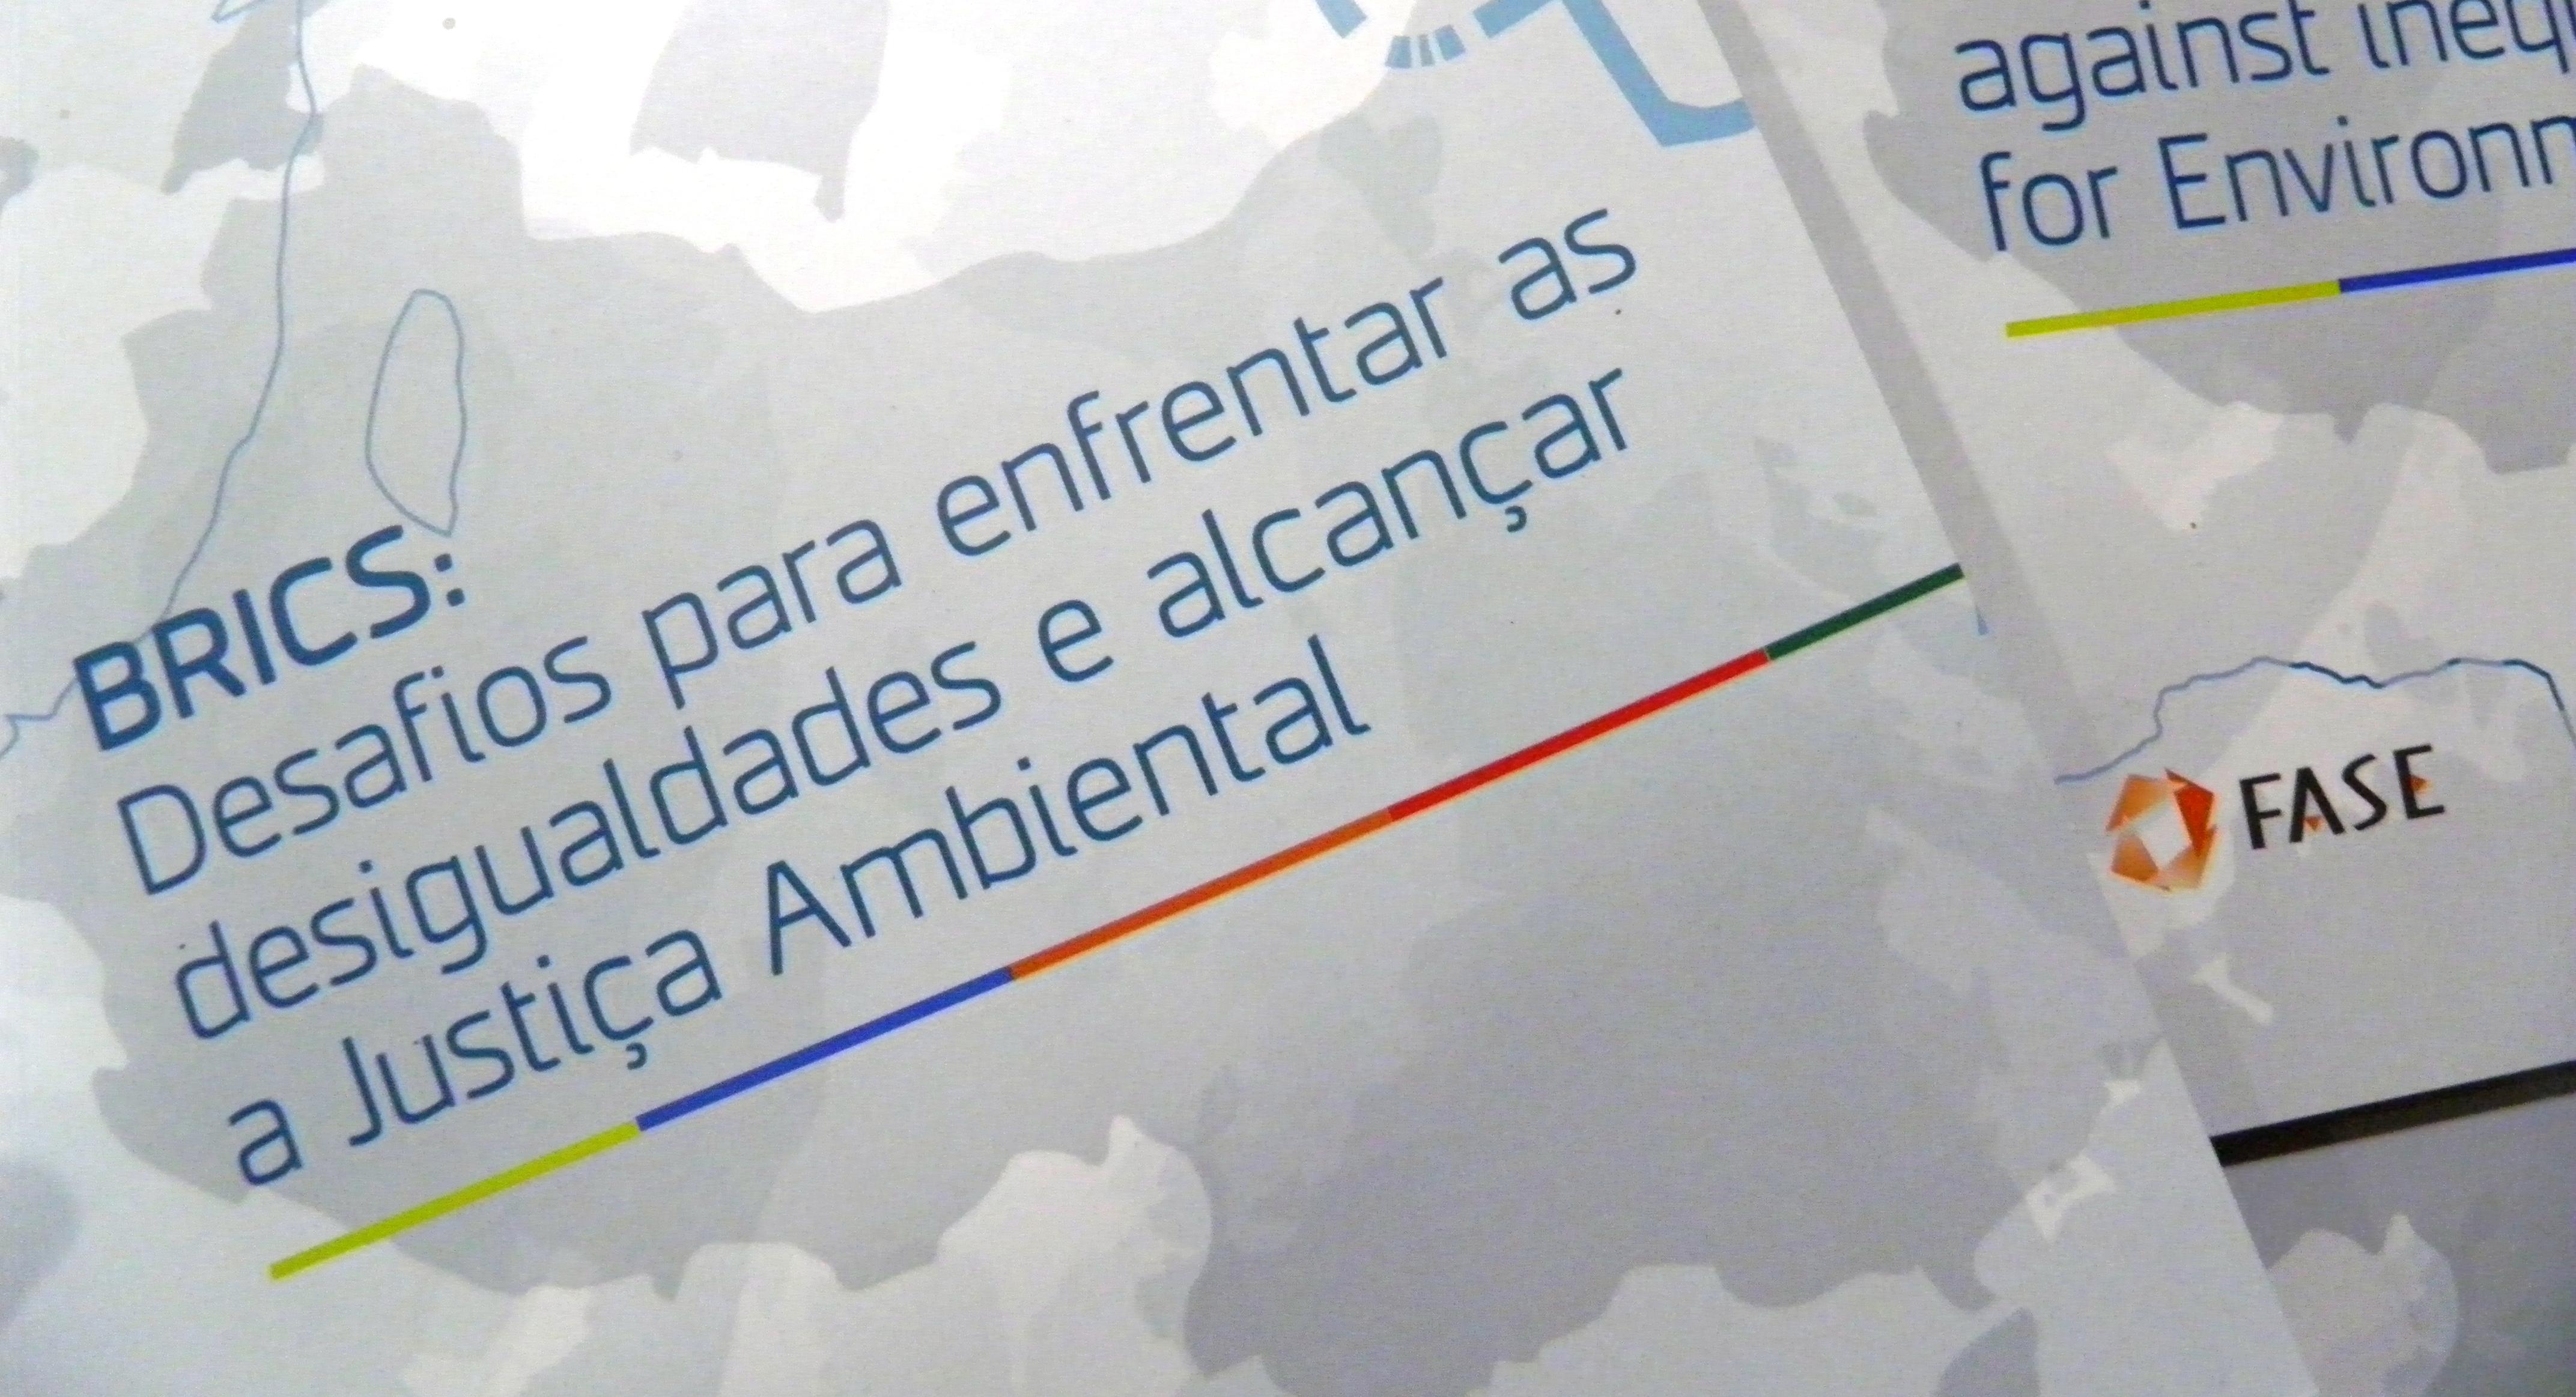 Boletim traz dados sobre os BRICS em diversas dimensões